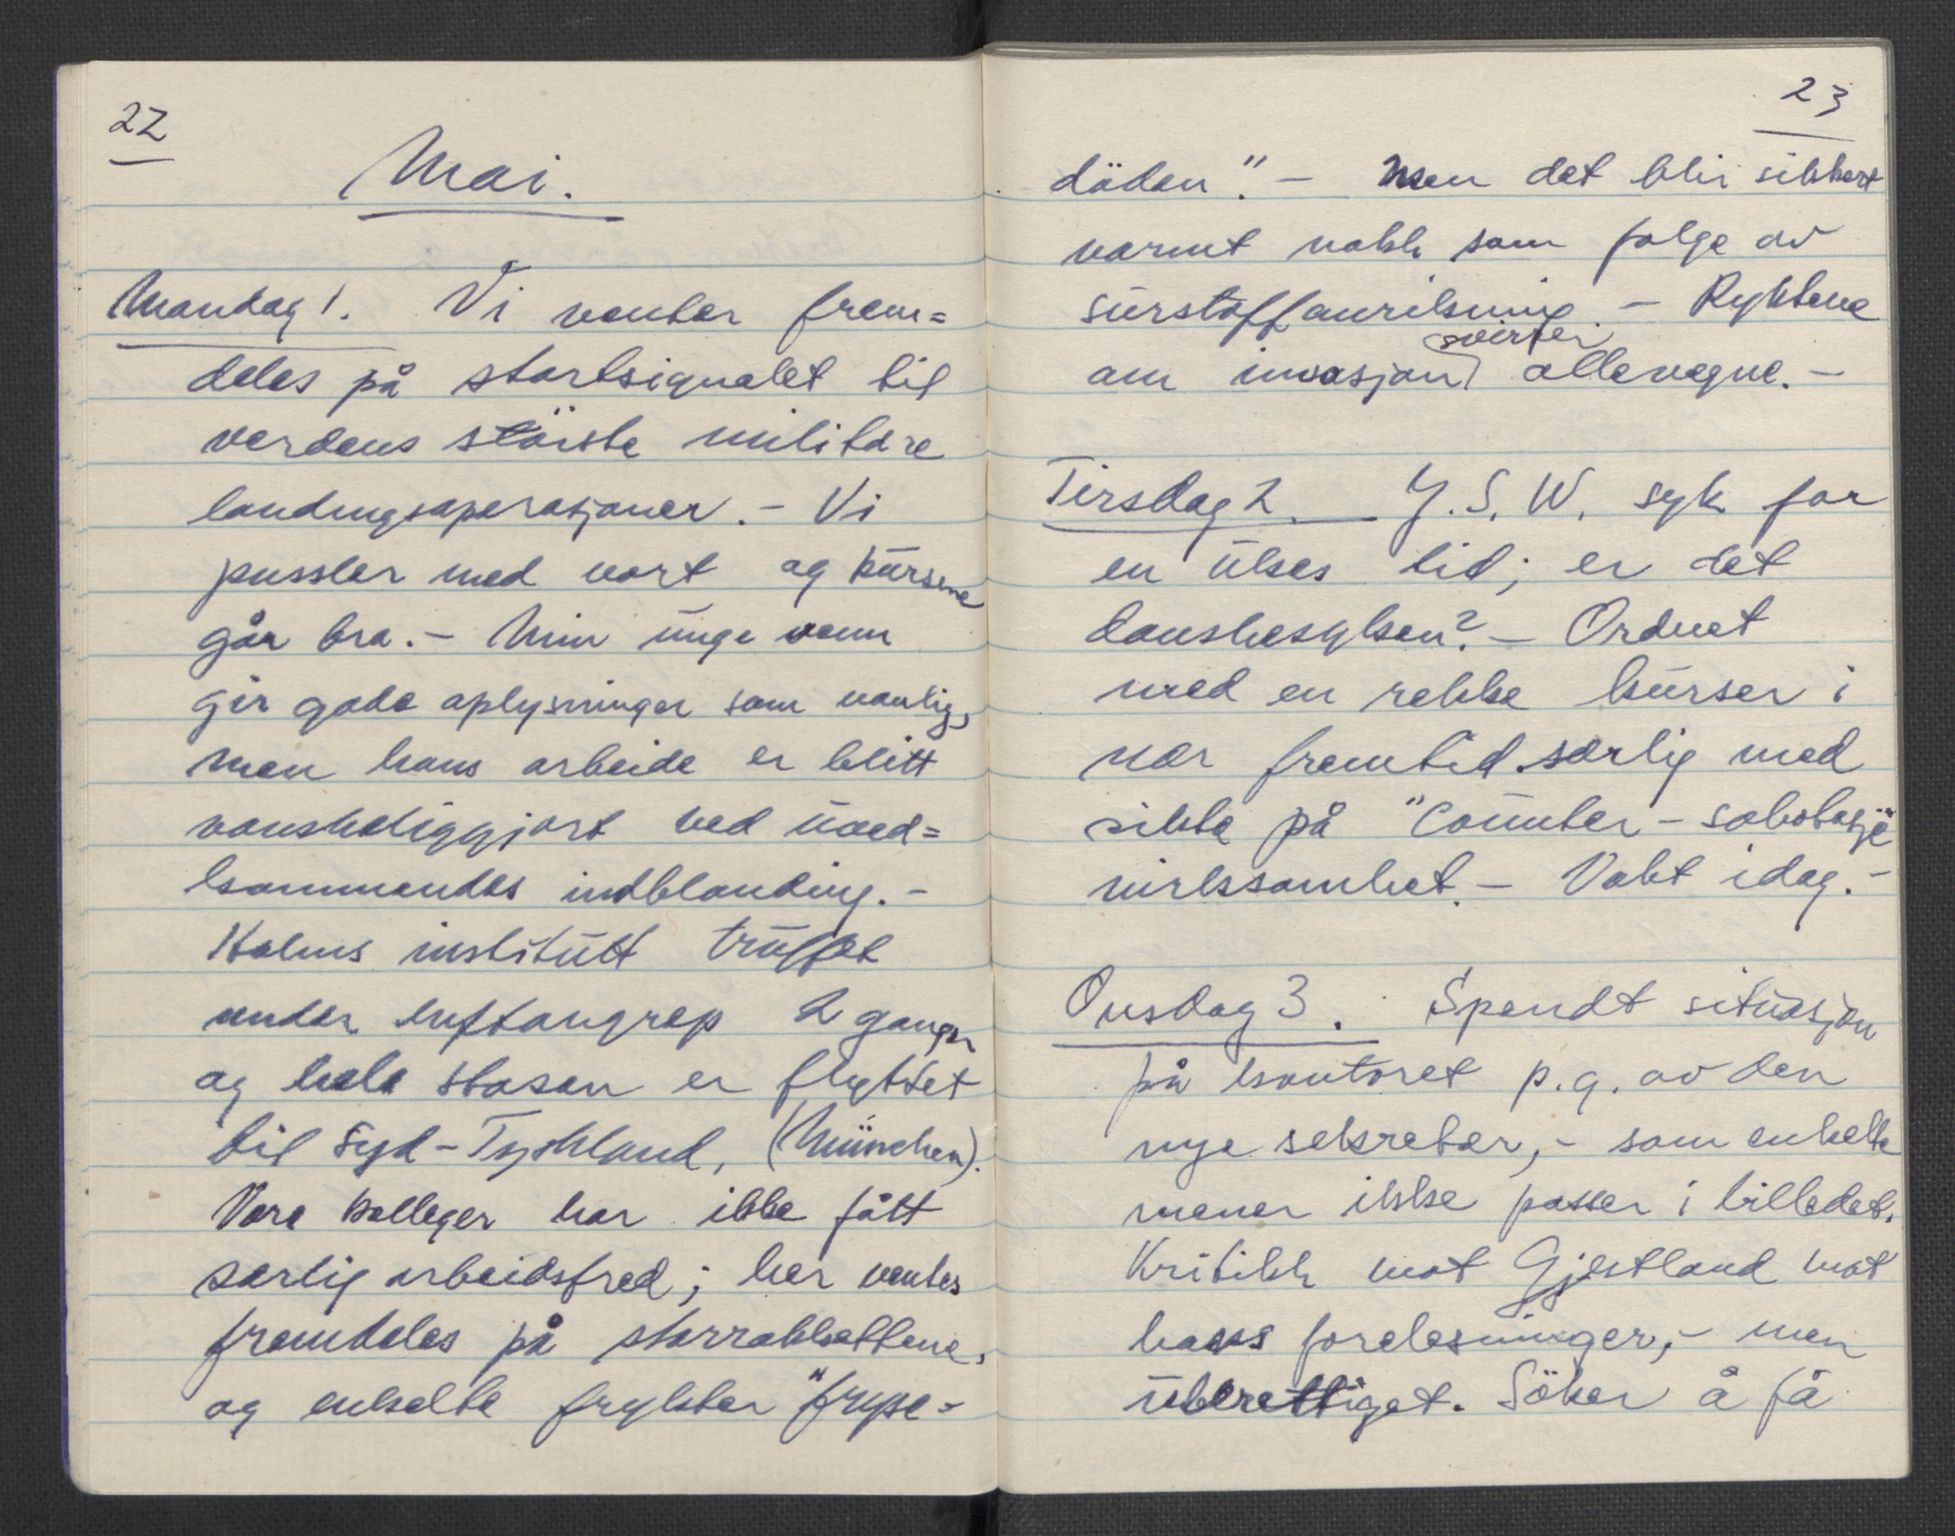 RA, Tronstad, Leif, F/L0001: Dagbøker, 1941-1945, s. 692